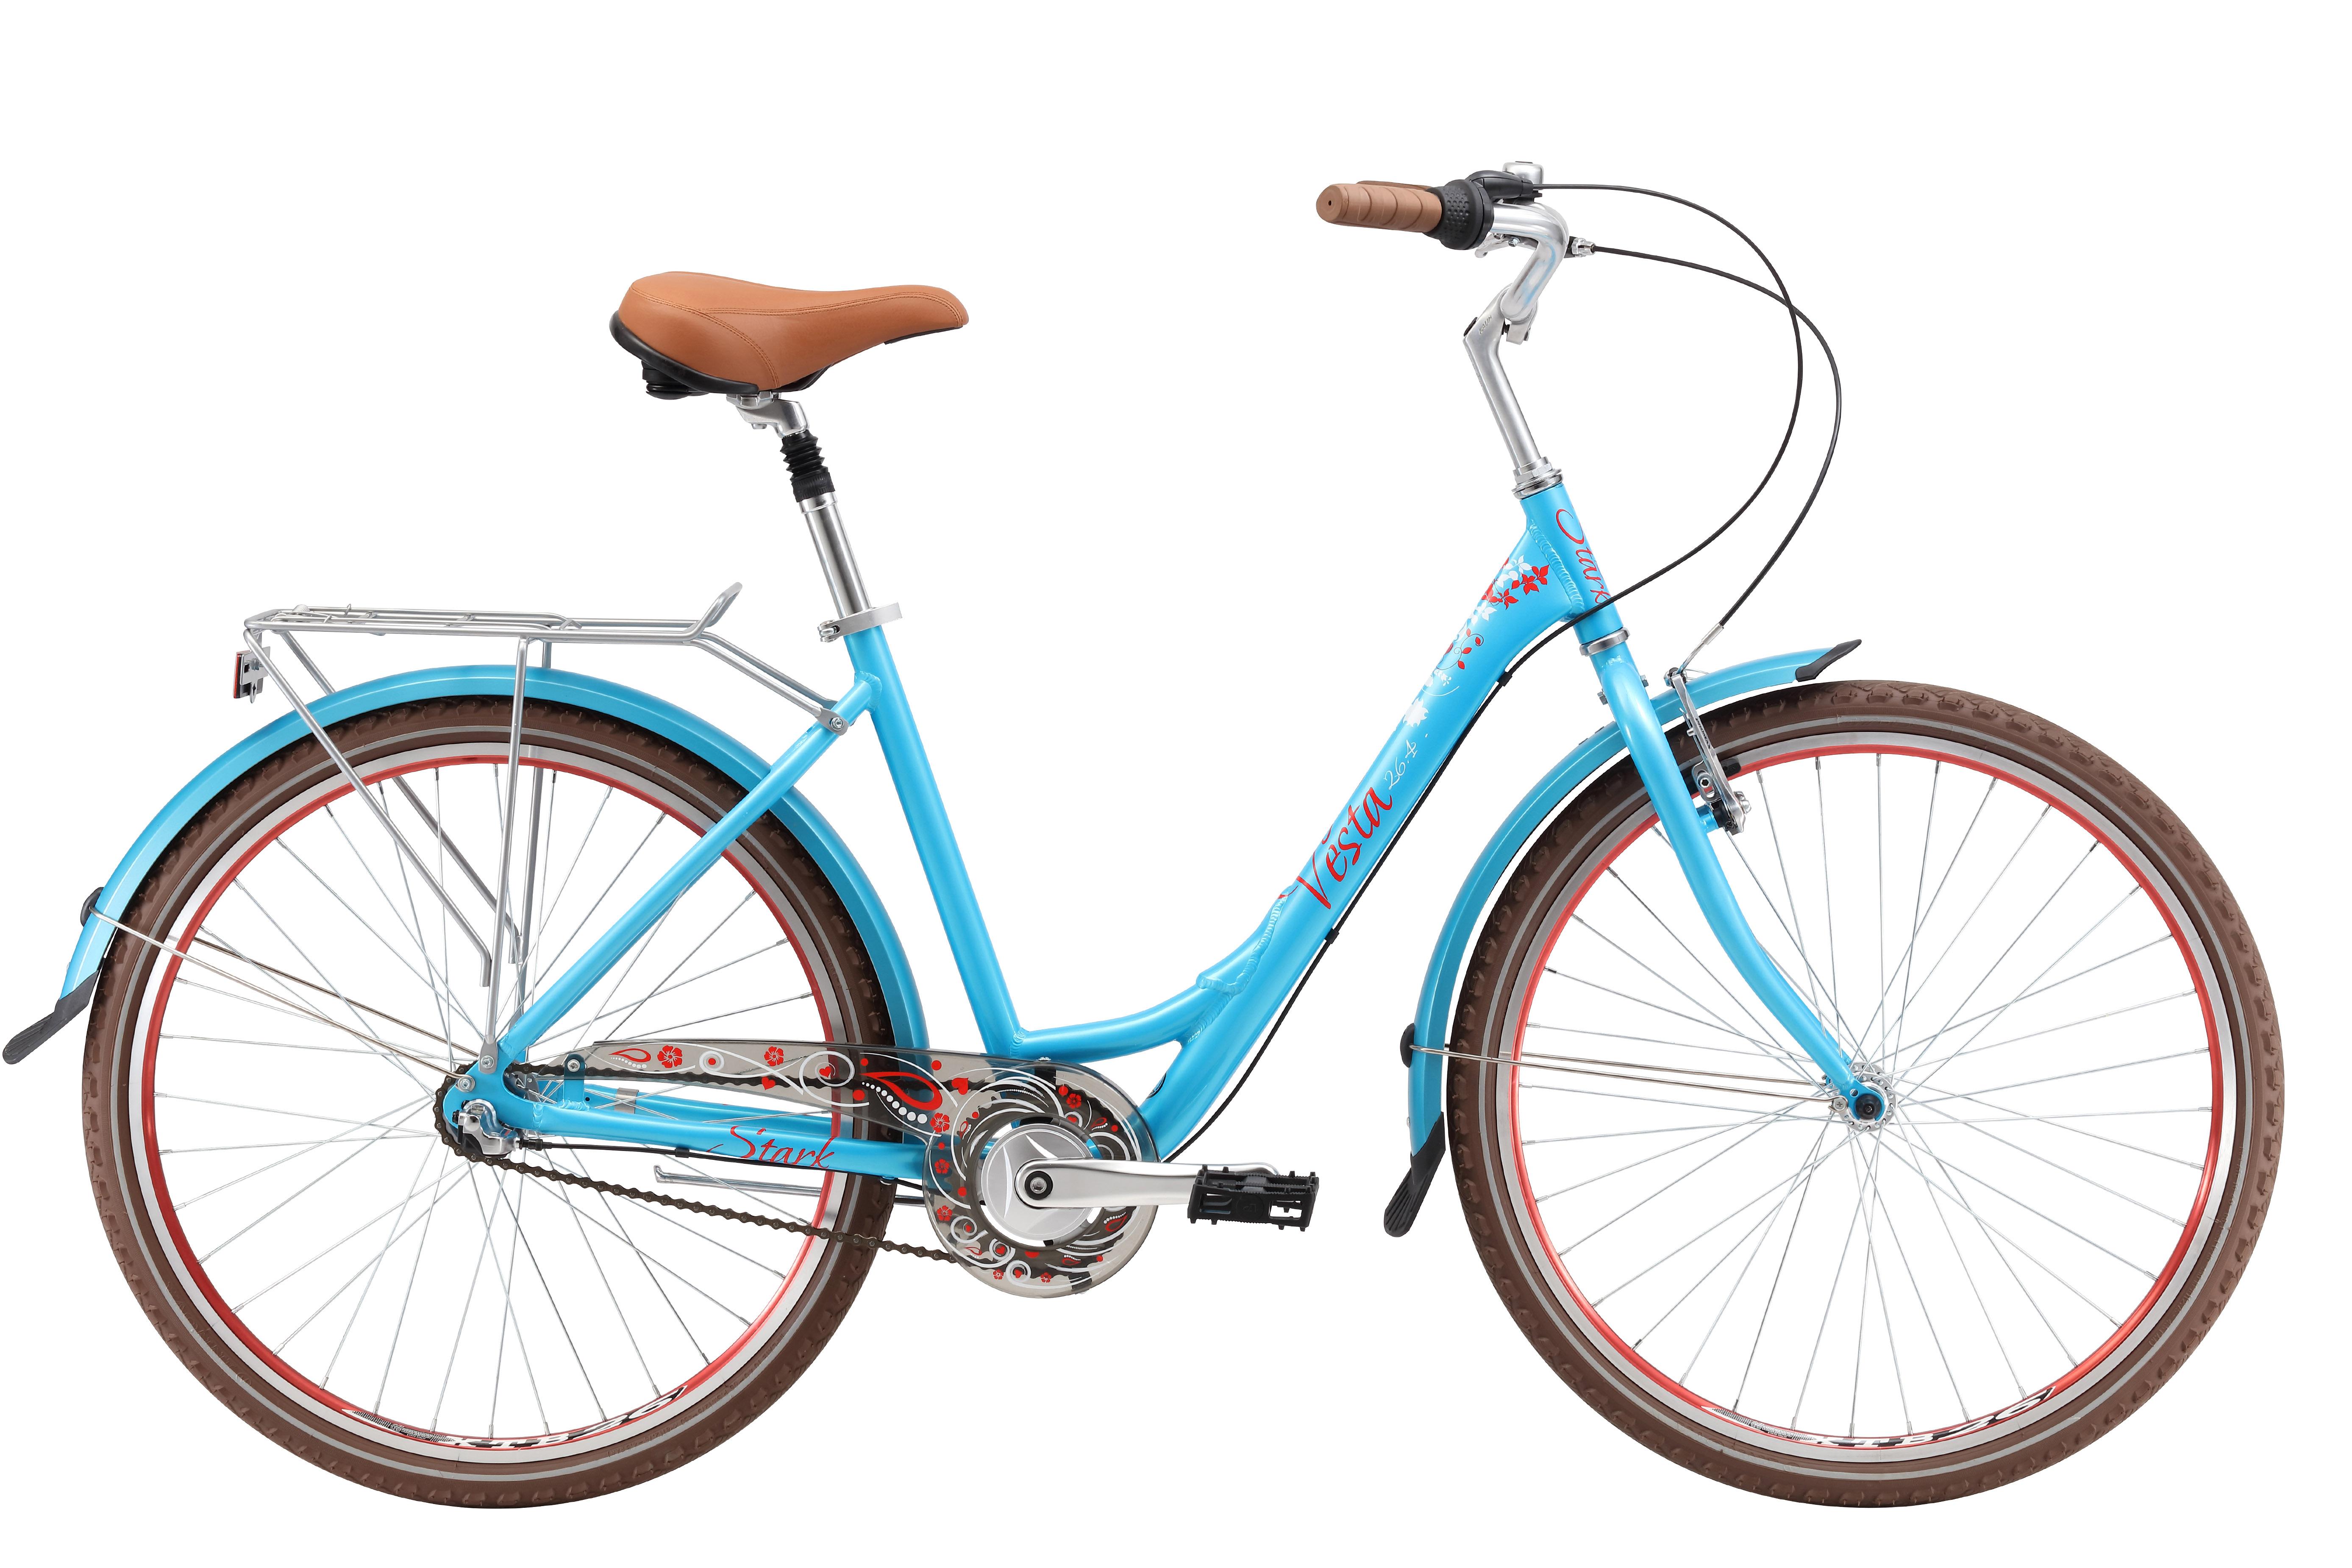 Велосипед Stark Vesta 26.4 V (2017) сине-красный 16КОМФОРТНЫЕ<br>Городской женский велосипед Stark Vesta имеет лаконичный и стильный дизайн. Главной особенностью этой модели является планетарная втулка, которая очень удобна в эксплуатации, ведь система переключения передач скрыта внутри задней втулки Shimano Nexus, благодаря чему вы можете долгое время не заботиться о смазке и чистке трансмиссии, а также, не переживать о поломке заднего переключателя. Помимо этого интересной особенностью стало наличие двух типов тормозов: ободного V-brake бренда Promax и заднего ножного тормоза - Coaster brake. Колеса велосипеда имеют диаметр 26 дюймов и обеспечивают хороший накат, а амортизационный подседельный штырь, сделает вашу поездку максимально комфортной. Широкий руль, который снабжён удобными накладками-грипсами, обеспечит идеальное управление велосипедом и безопасность.<br><br>бренд: STARK<br>год: 2017<br>рама: Алюминий (Alloy)<br>вилка: Жесткая (сталь)<br>блокировка амортизатора: Нет<br>диаметр колес: 26<br>тормоза: Ножной ( Coaster brake)<br>уровень оборудования: Начальный<br>количество скоростей: 3<br>Цвет: сине-красный<br>Размер: 16